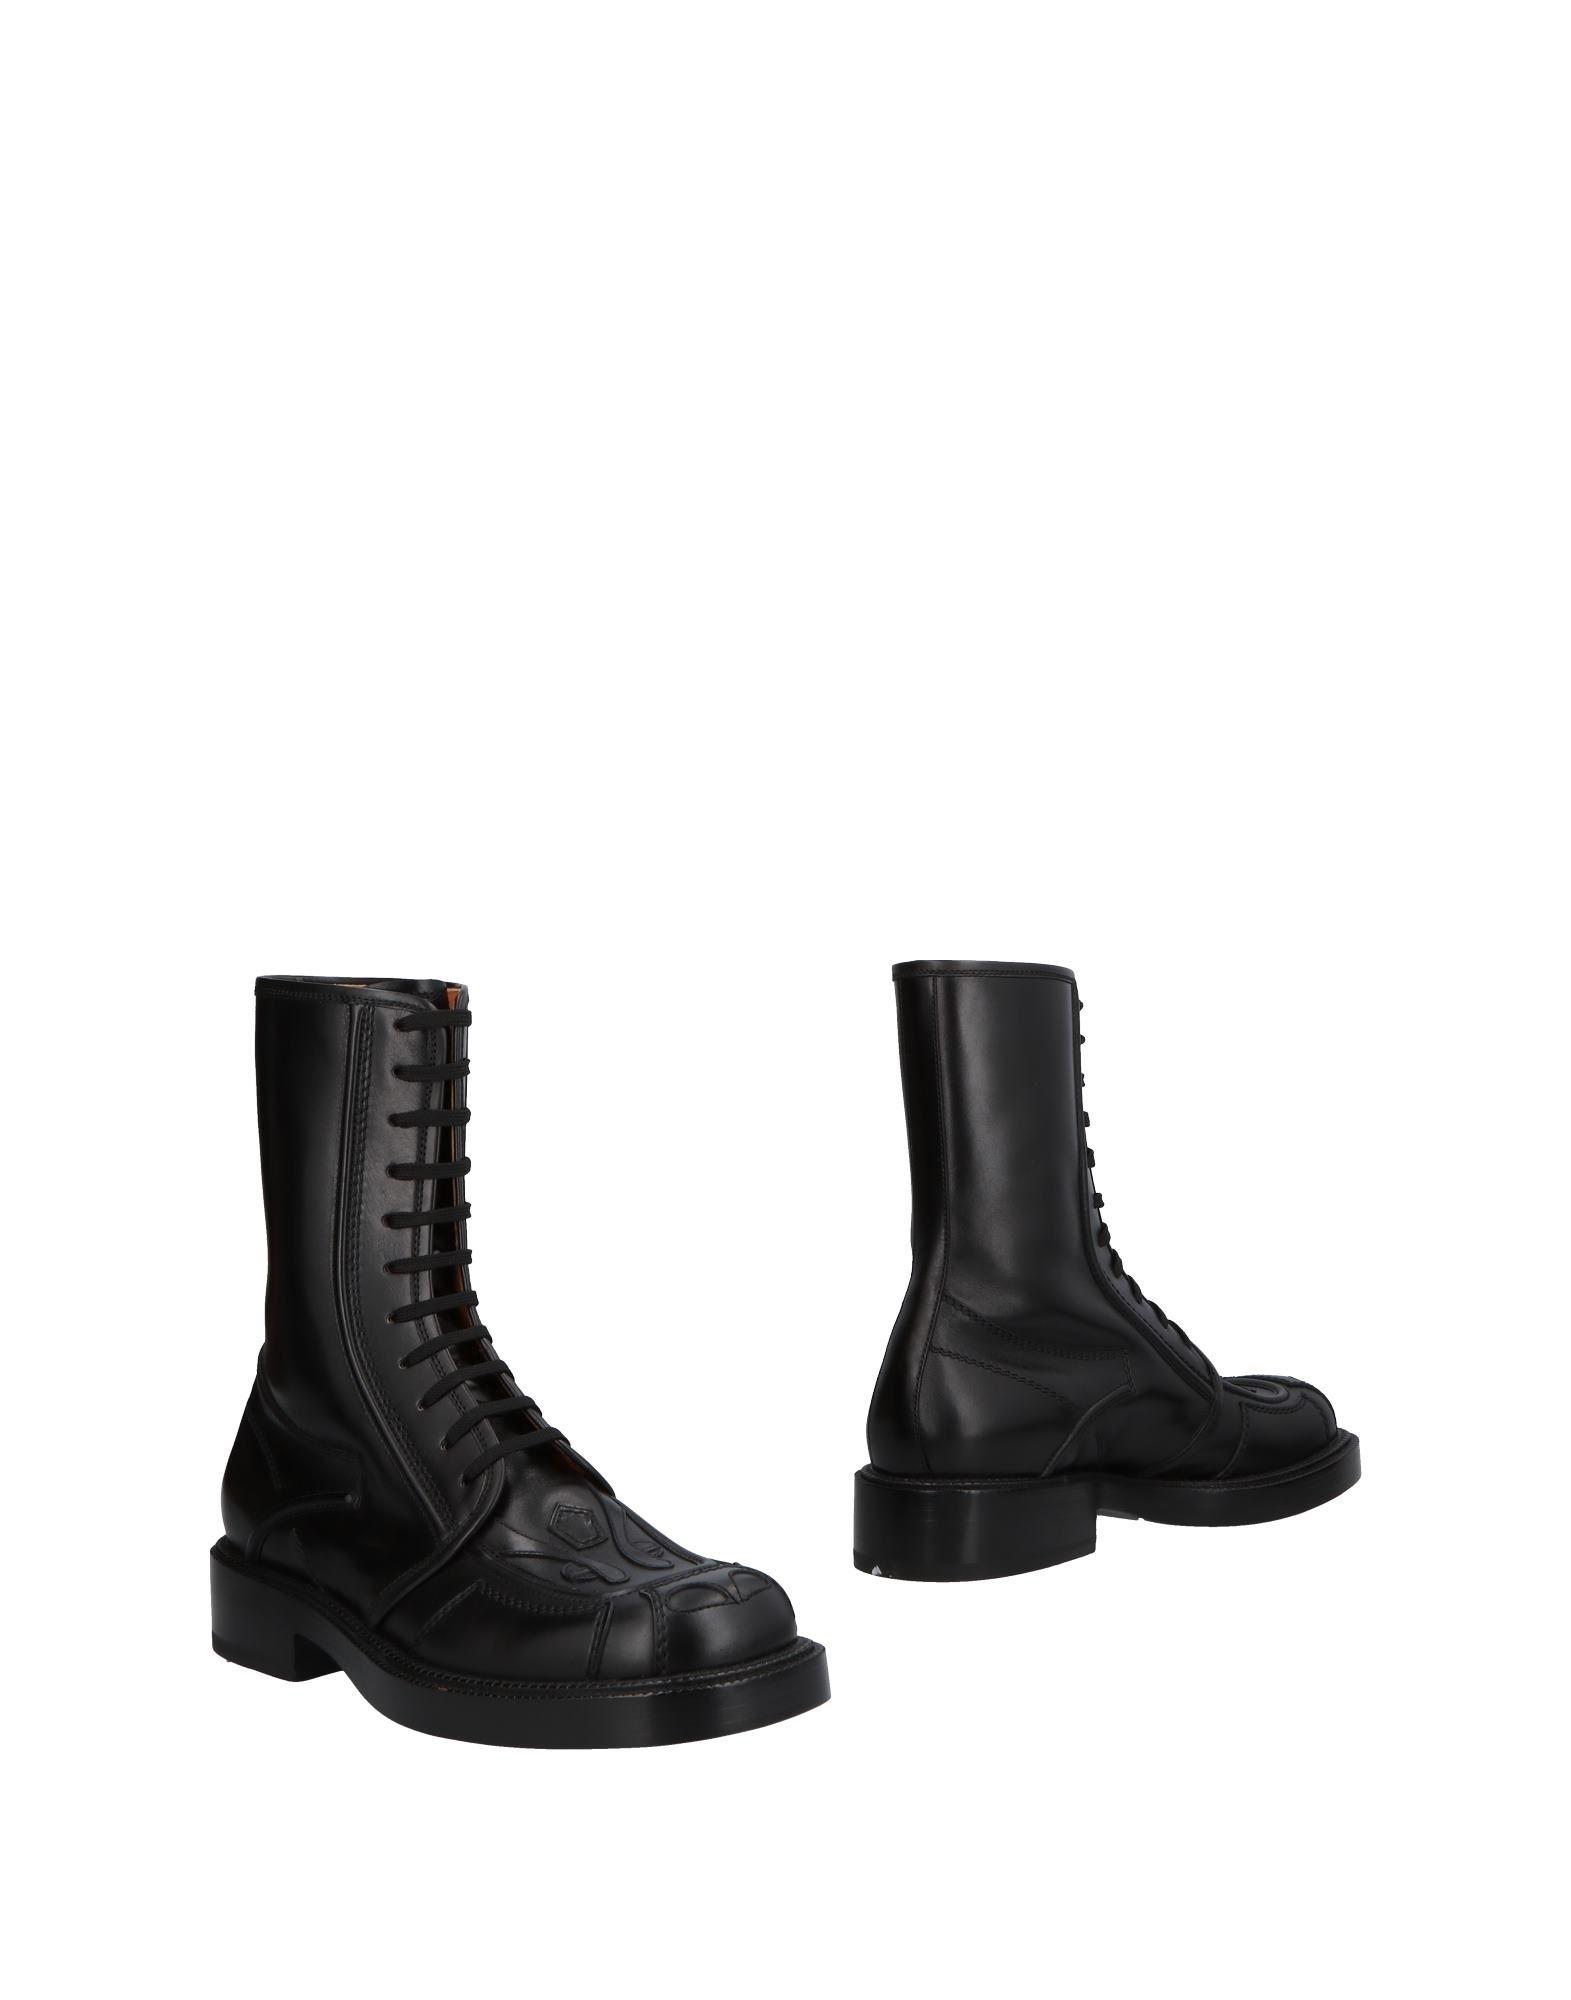 Walter Van Beirendonck Stiefelette Herren  11500675SR Gute Qualität beliebte Schuhe